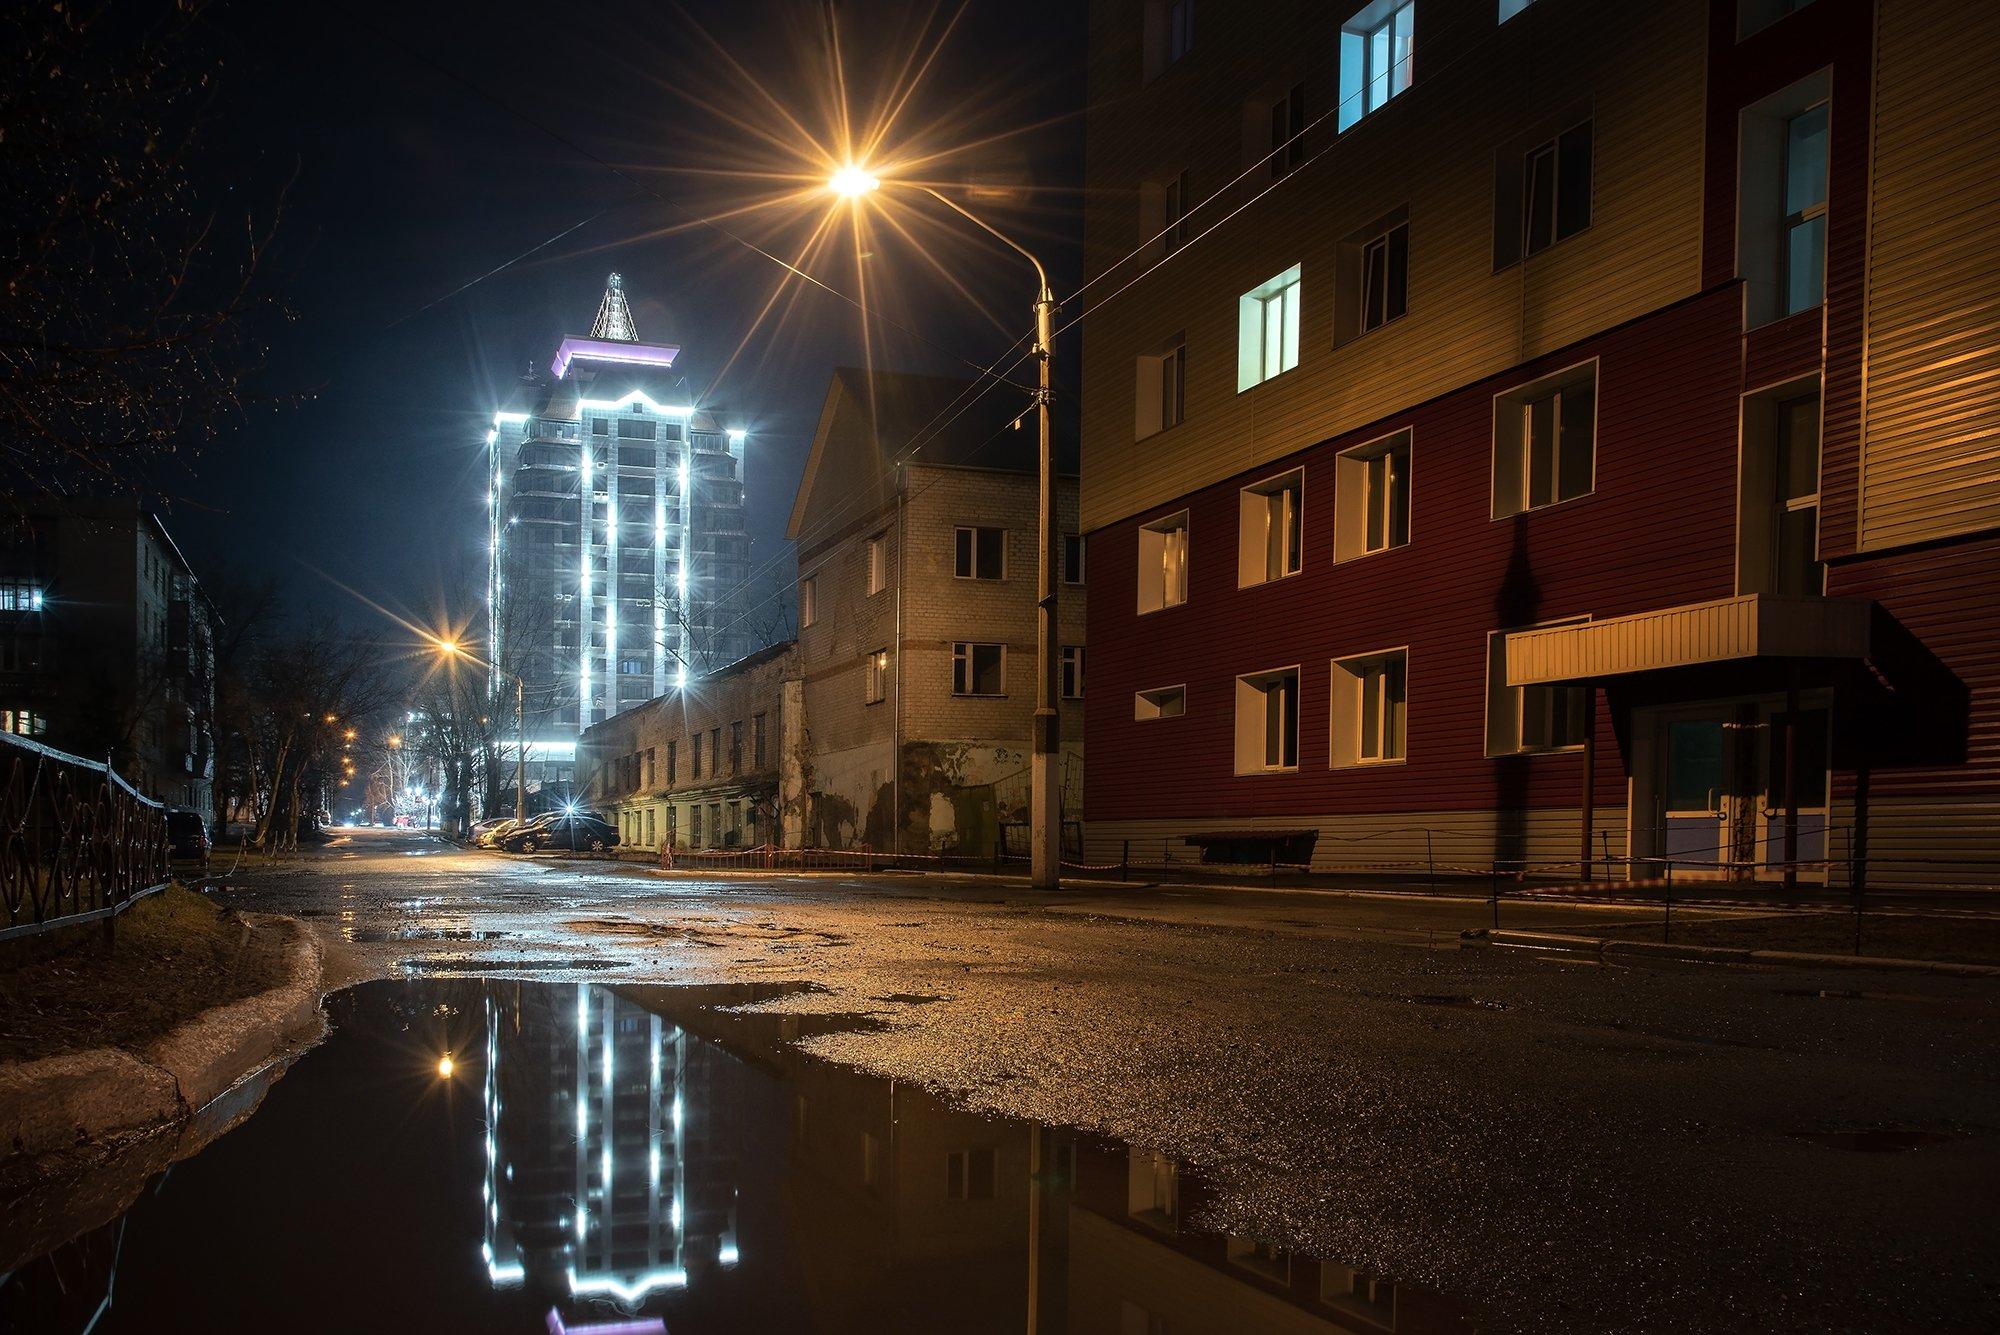 барнаул, апрель, ночь, лужи, дождь, весна, город, отражение, свет, сумерки, пейзаж, алтай, Денис Соломахин